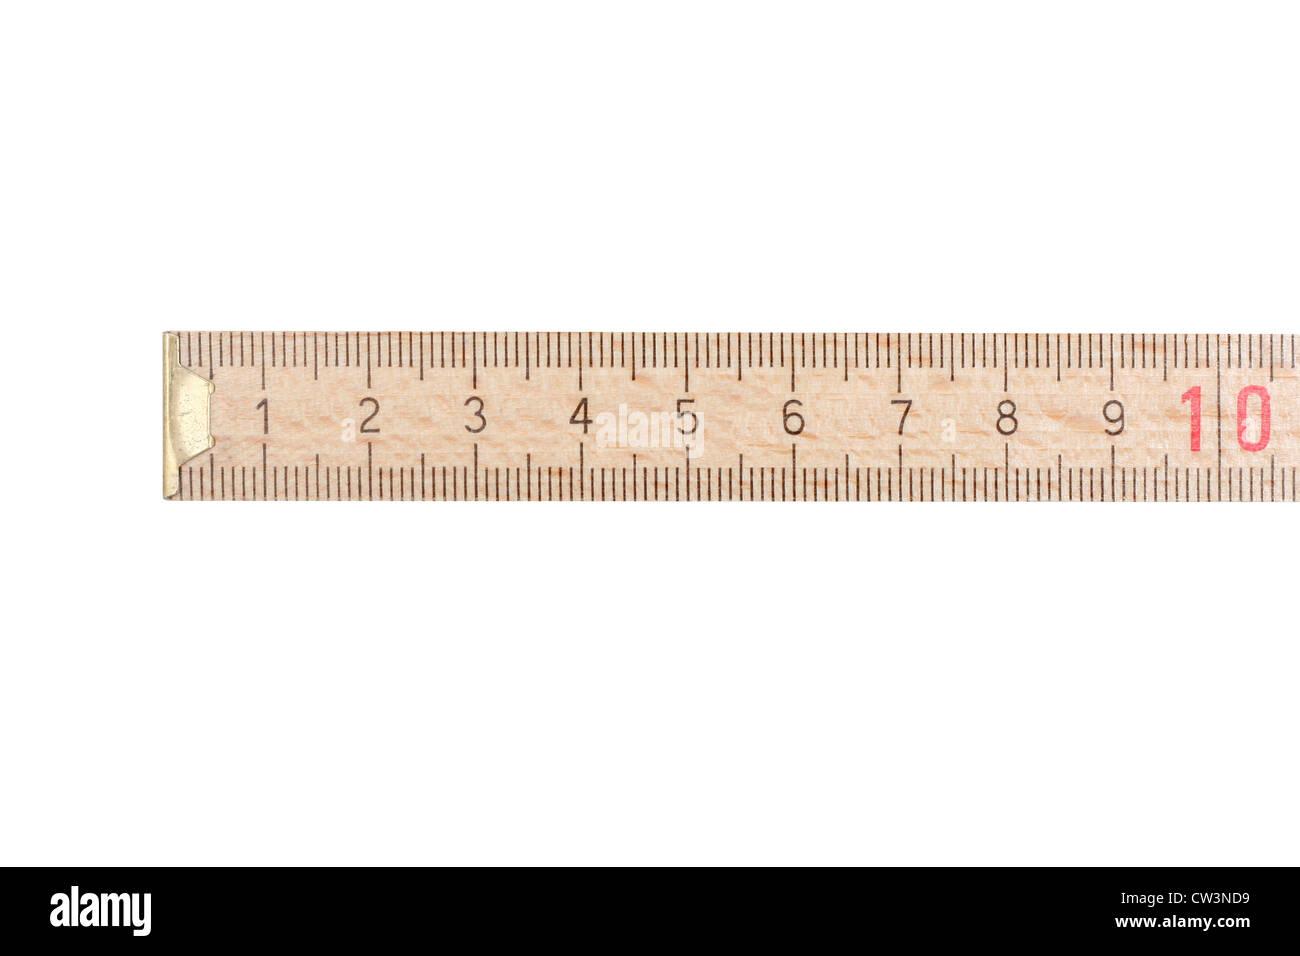 metric ruler stock photos & metric ruler stock images - alamy